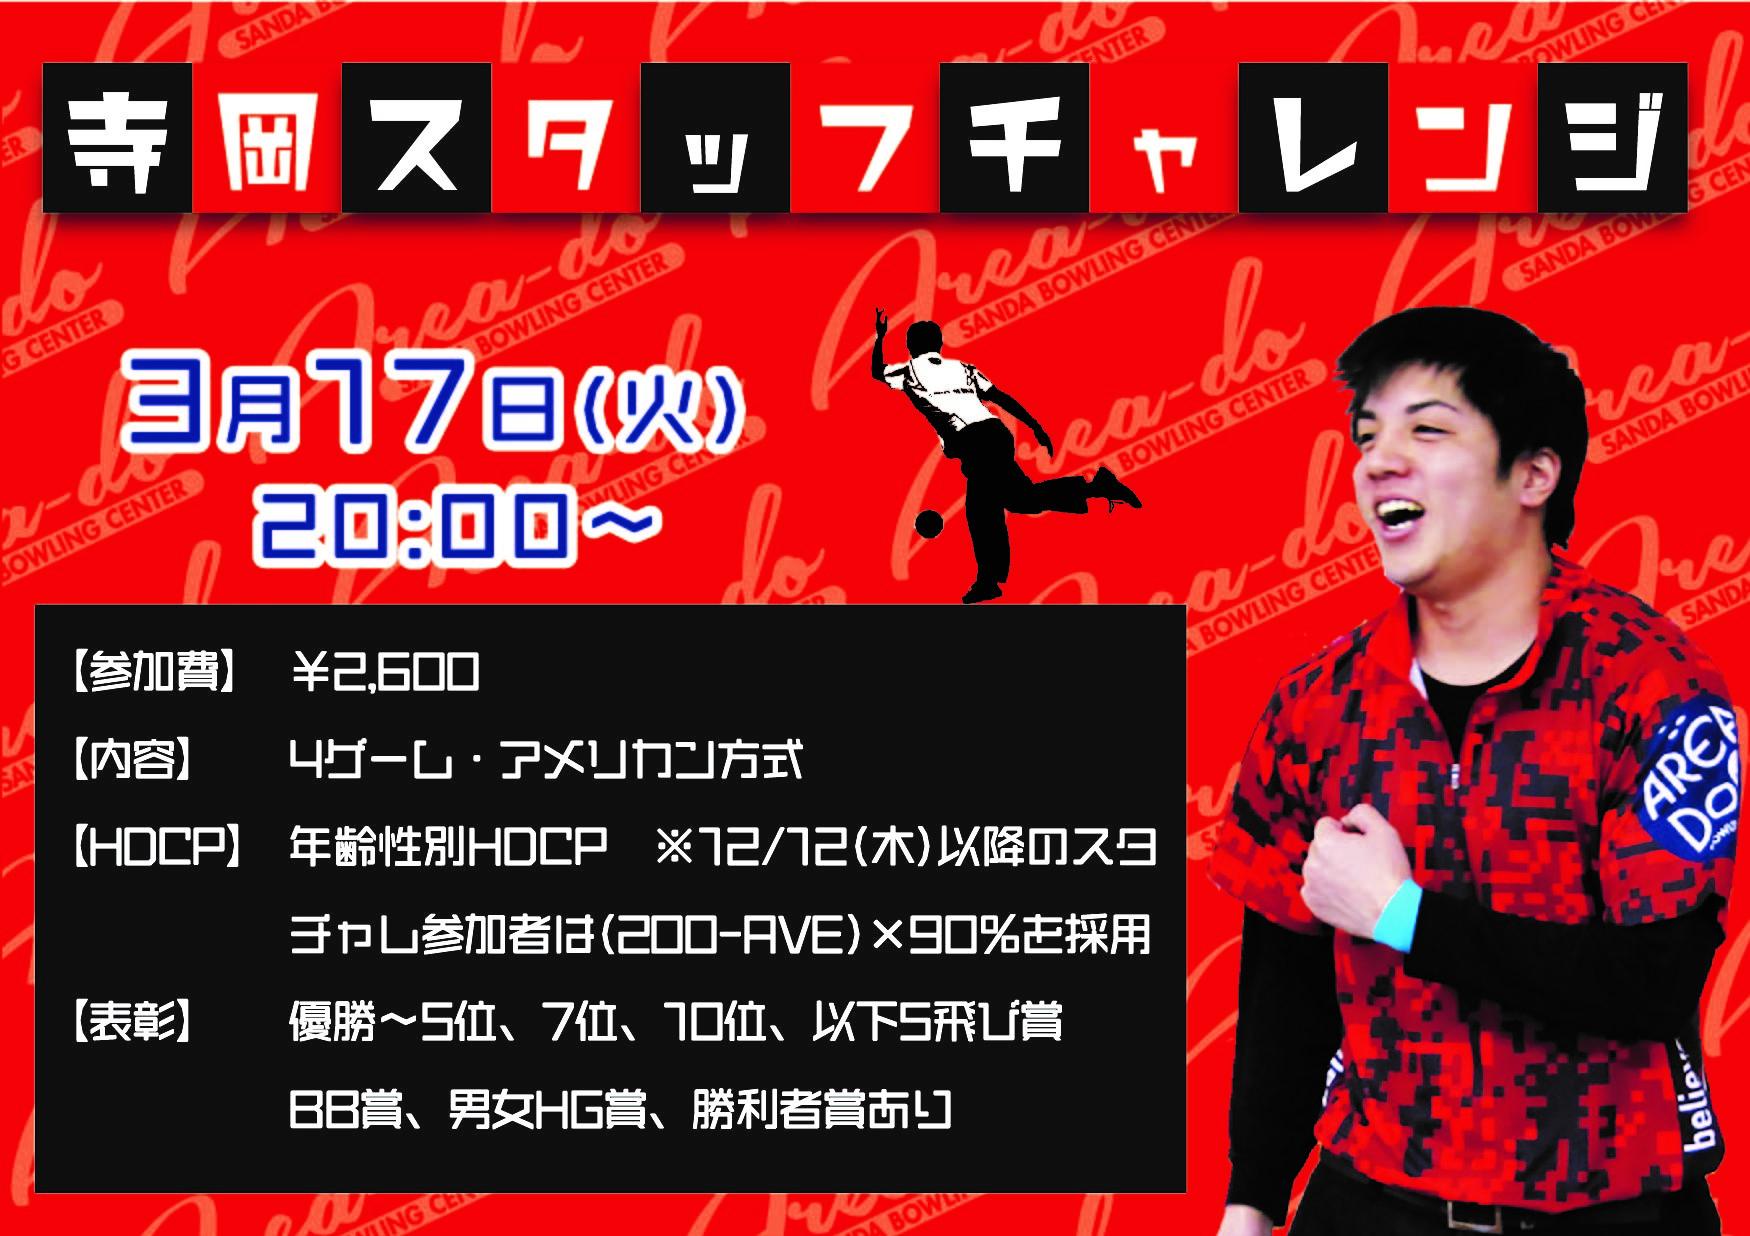 寺岡チャレンジヨコ2003